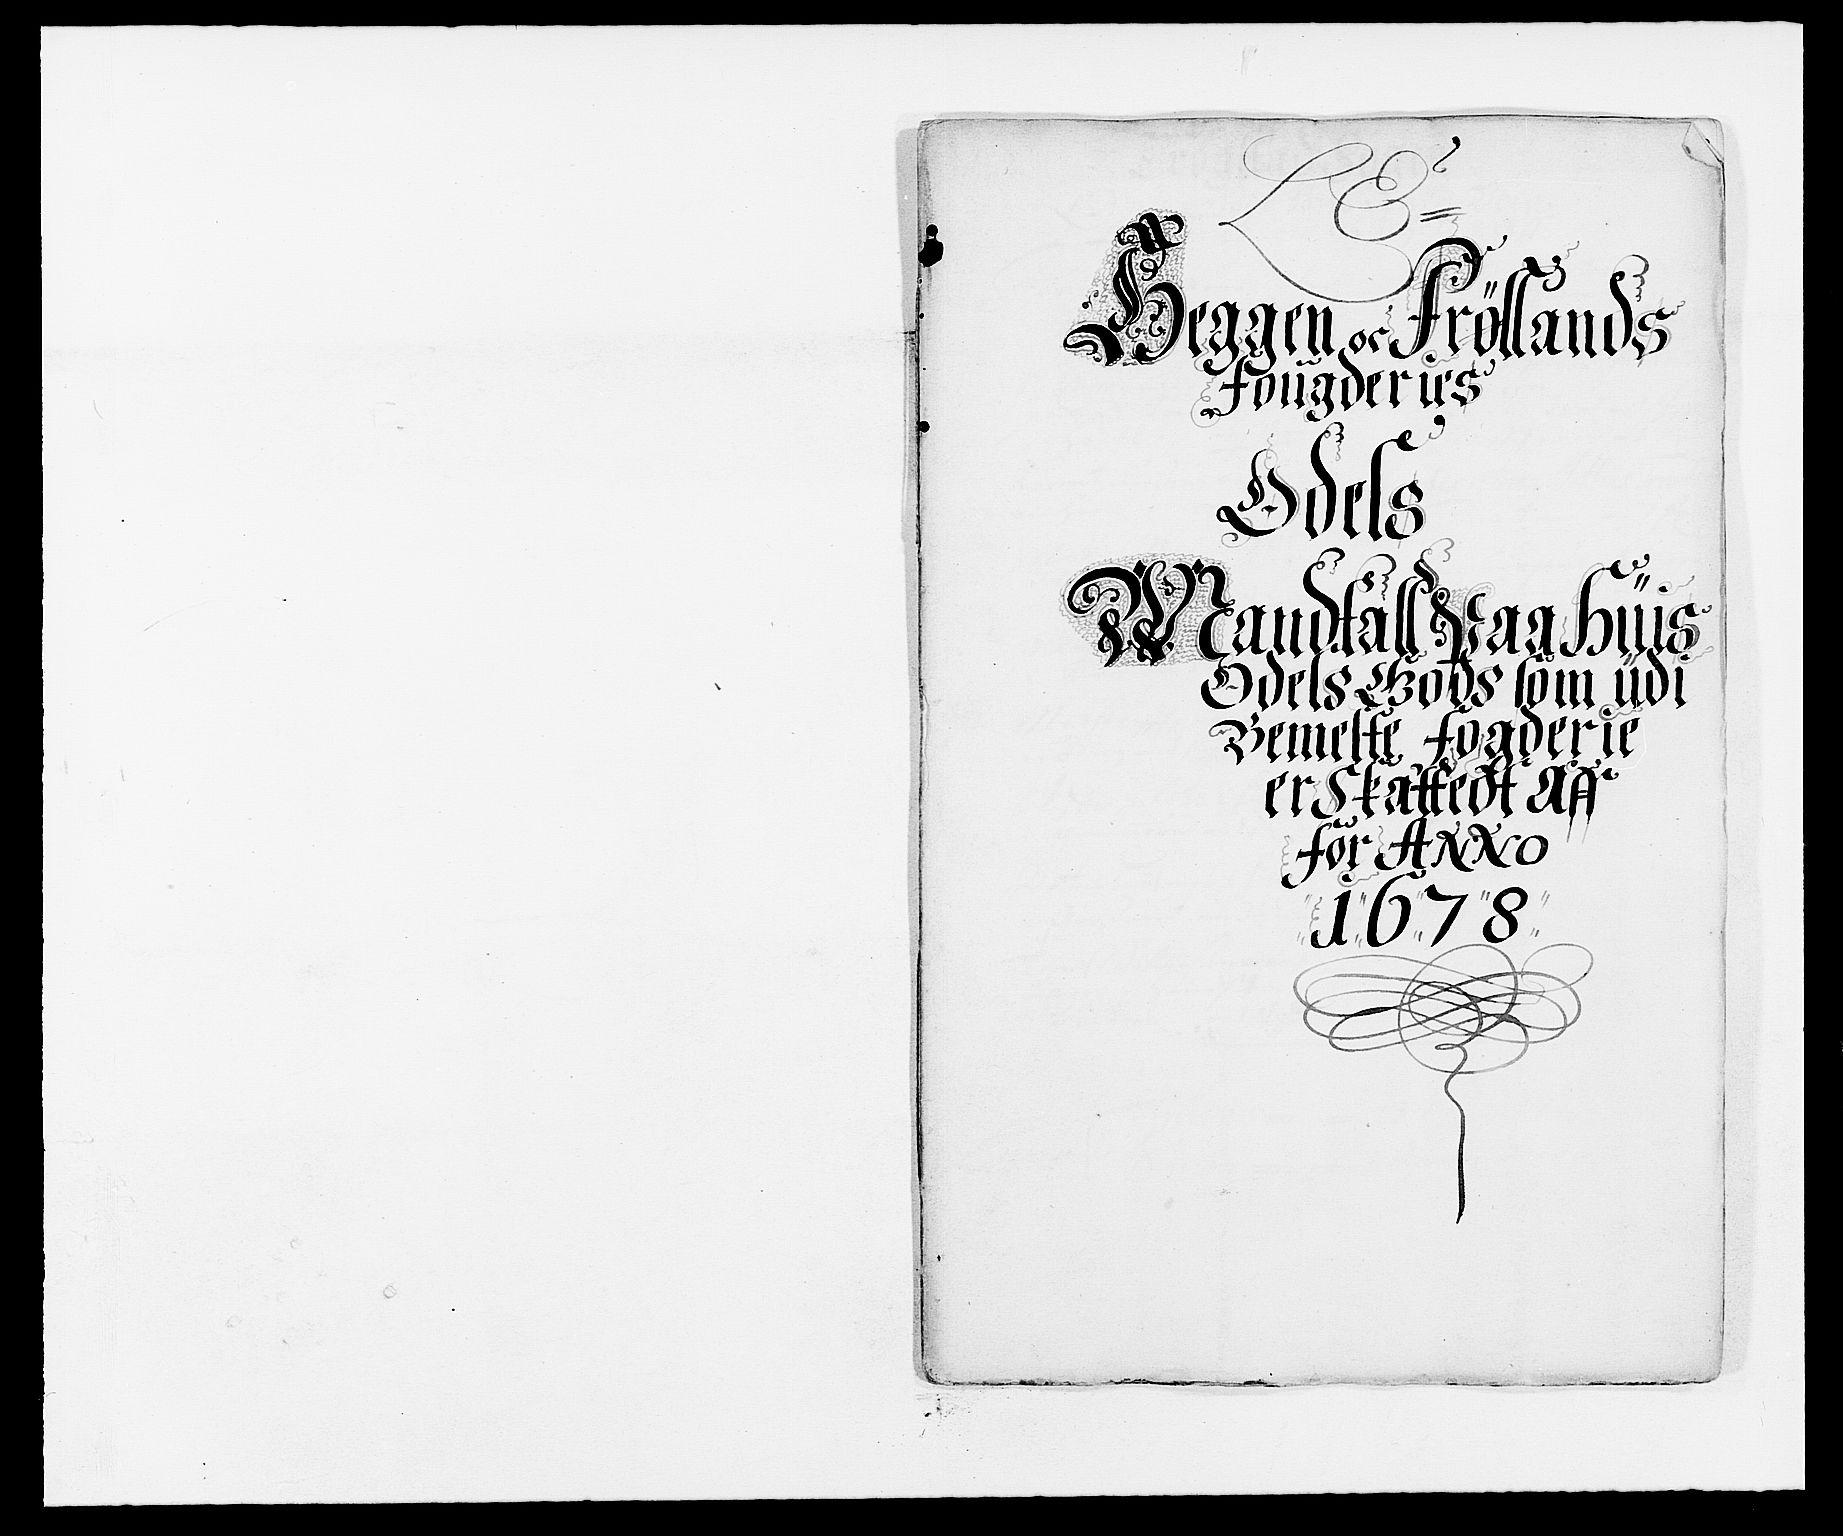 RA, Rentekammeret inntil 1814, Reviderte regnskaper, Fogderegnskap, R06/L0279: Fogderegnskap Heggen og Frøland, 1678-1680, s. 132